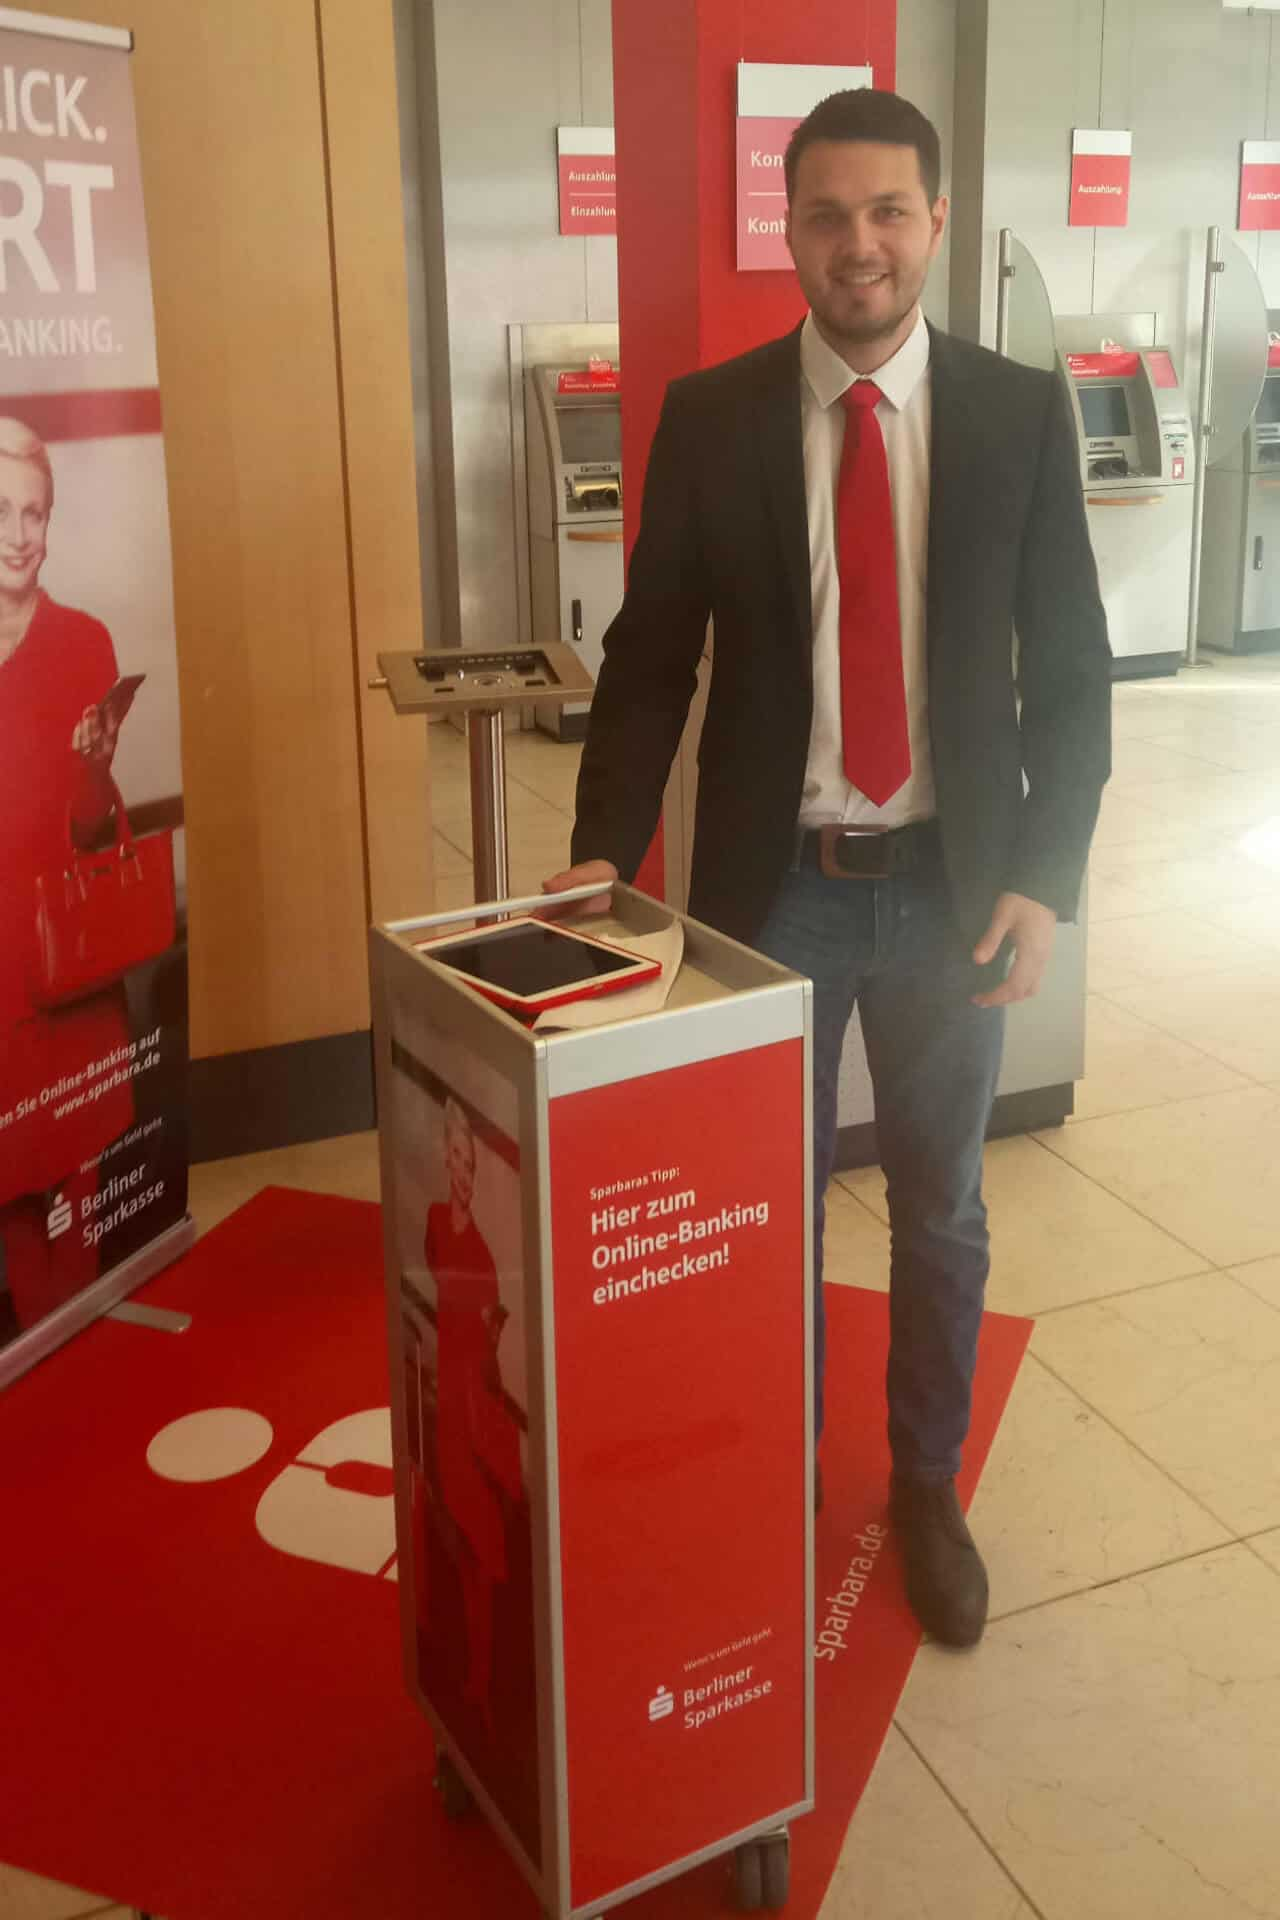 Berliner Sparkasse Digital OnBoarding Promotion   trustpromotion